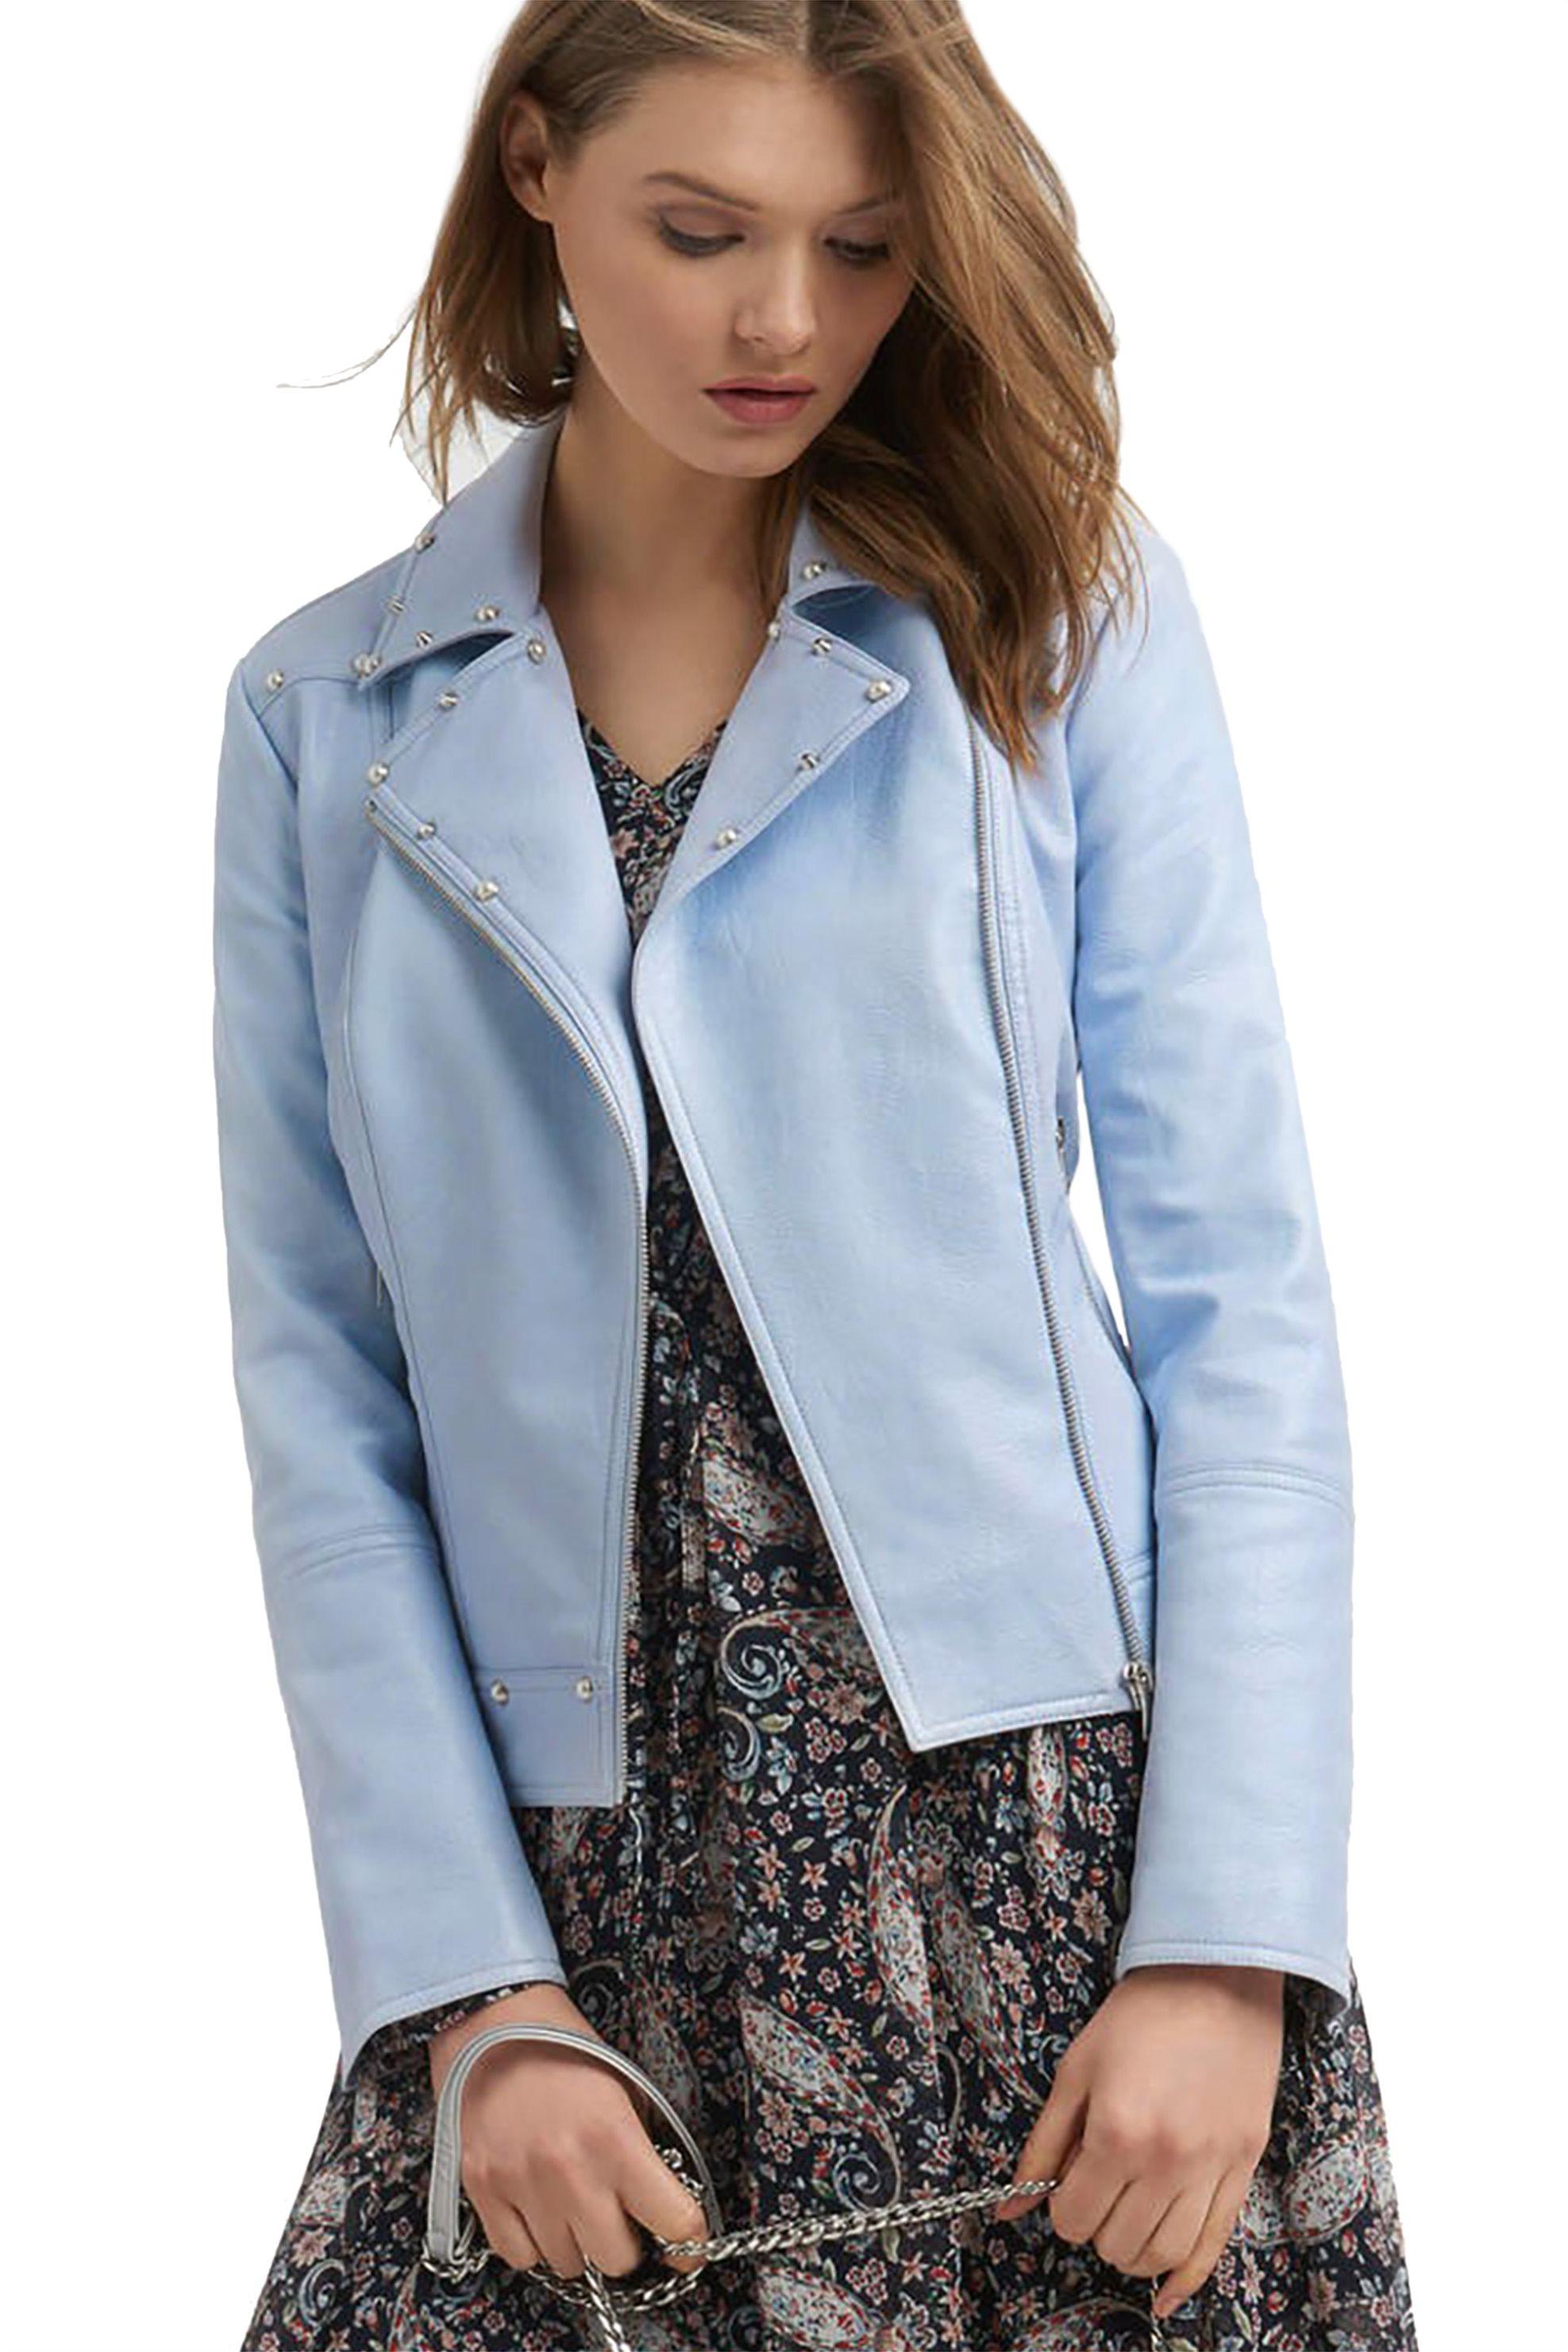 Μπουφάν από faux δέρμα Orsay - 800095-516000 - Γαλάζιο γυναικα   ρουχα   πανωφόρια   μπουφάν   σακάκια   δερμάτινα   faux δέρμα